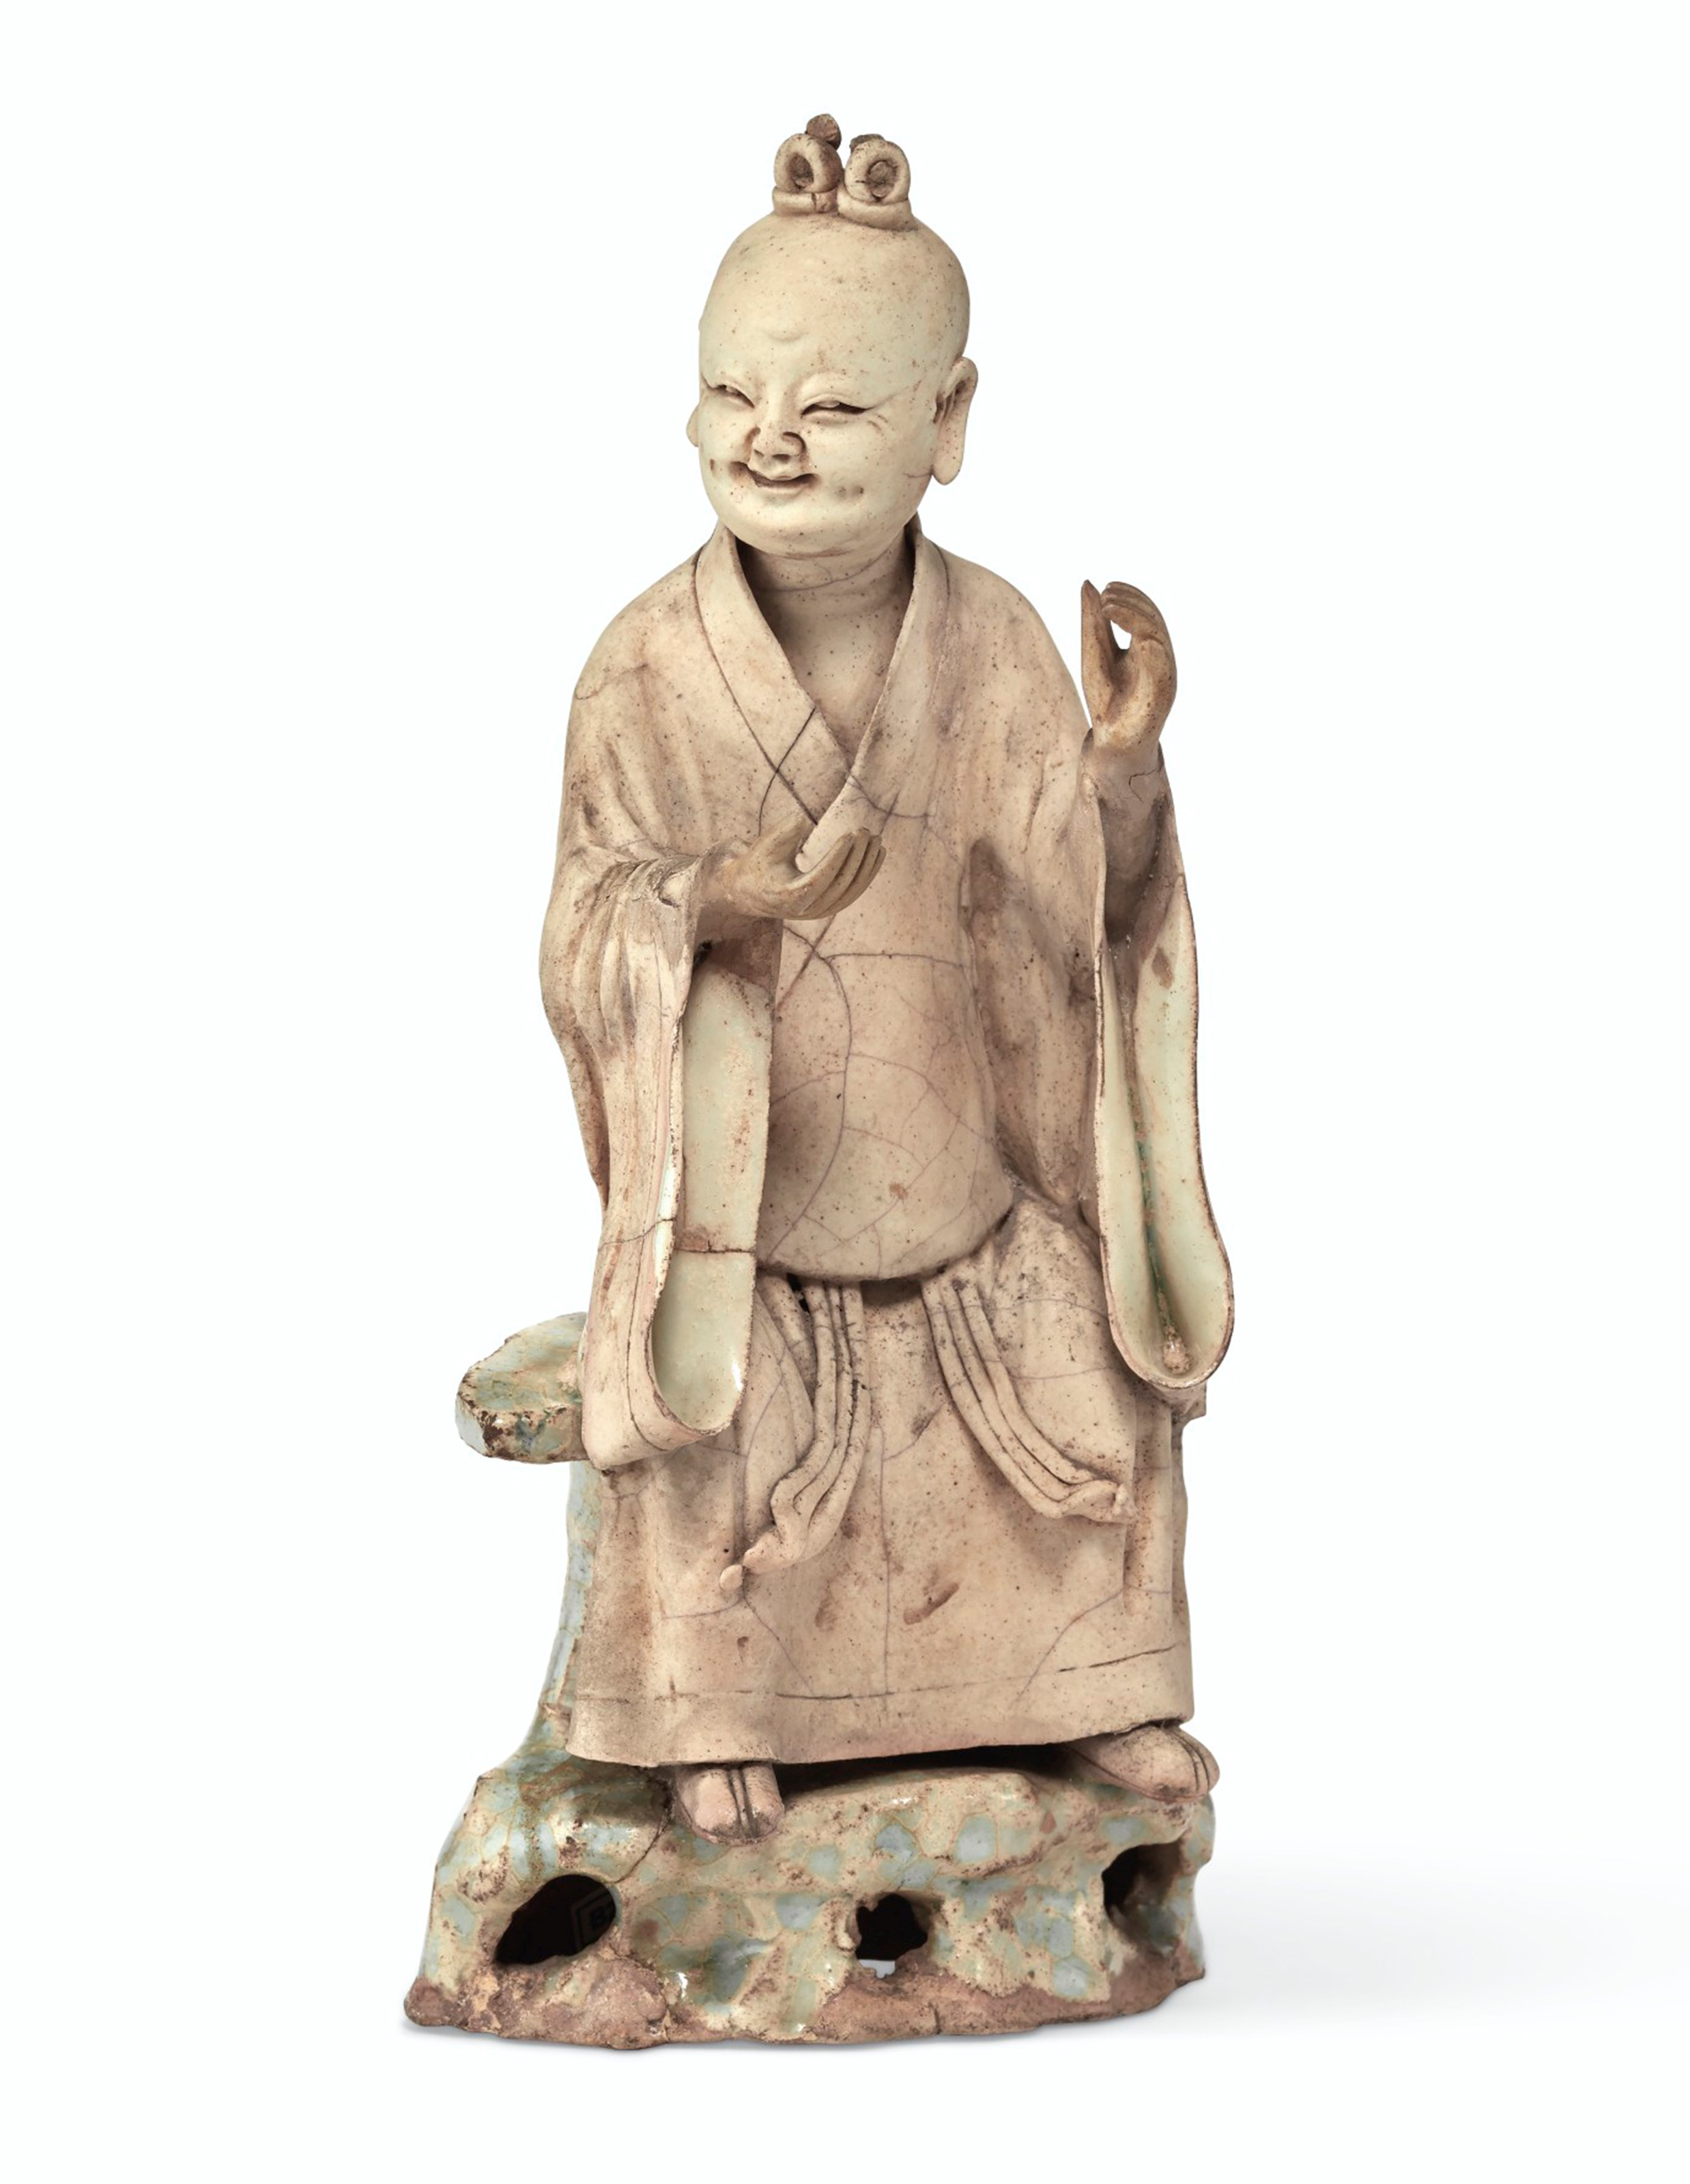 南宋十三世纪 青白釉道士坐像,直径8 吋(20.3公分)。估价:10,000-15,000美元。此拍品将于2019年9月13日佳士得纽约重要中国瓷器及工艺精品拍卖呈献